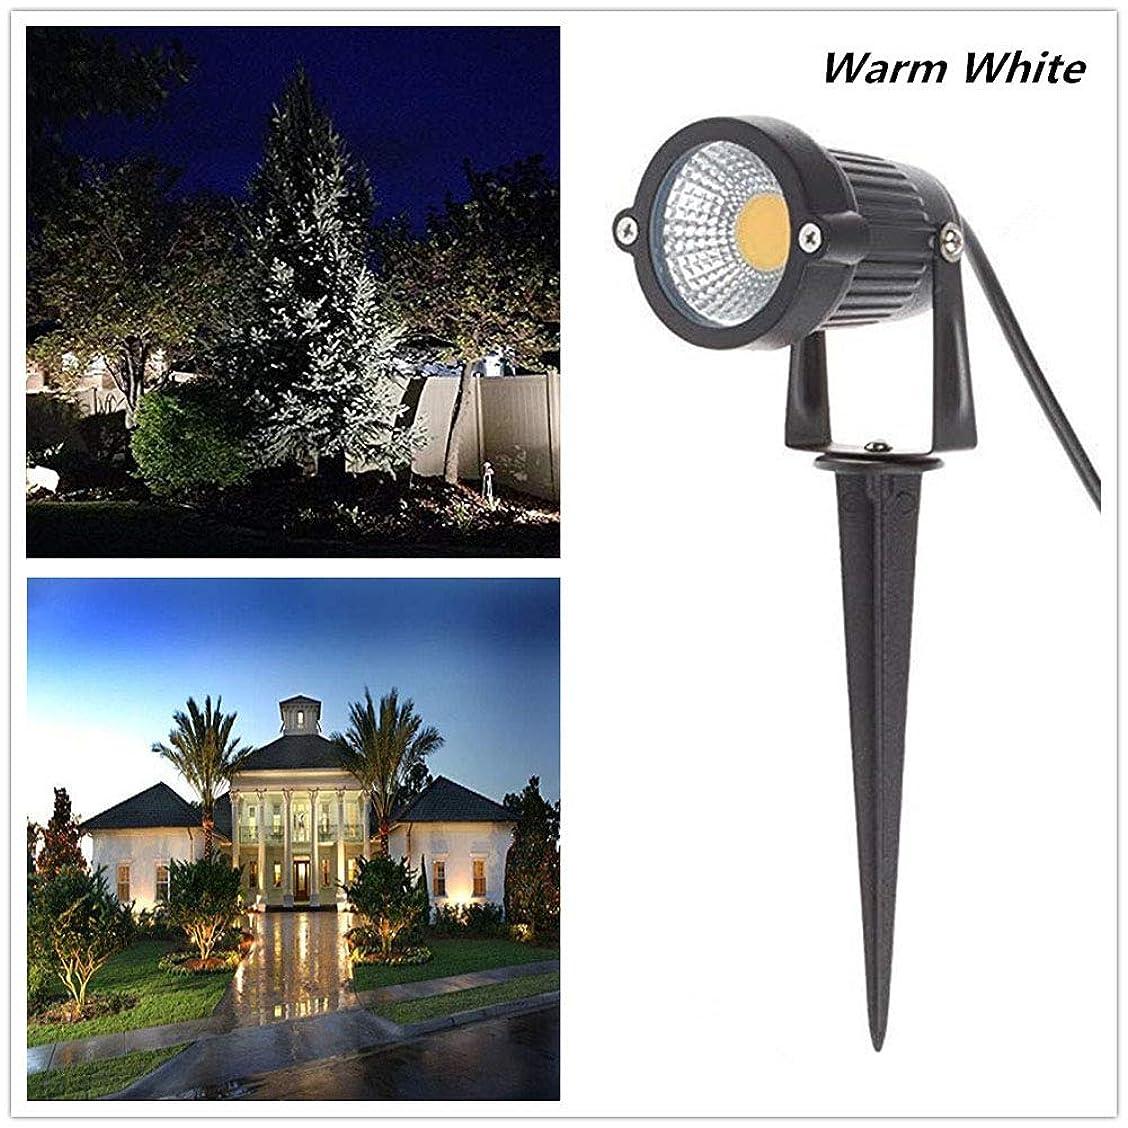 決定的身元雑草RaiFu ガーデンライト 85-265V LED 5W COB グラウンド ランプ 防水 パスライト ガーデンランプ LEDガーデンライト 埋め込み式 外灯 照明 自動点灯消灯 ガーデン、庭、芝生、公園に適応 暖かい ホワイト